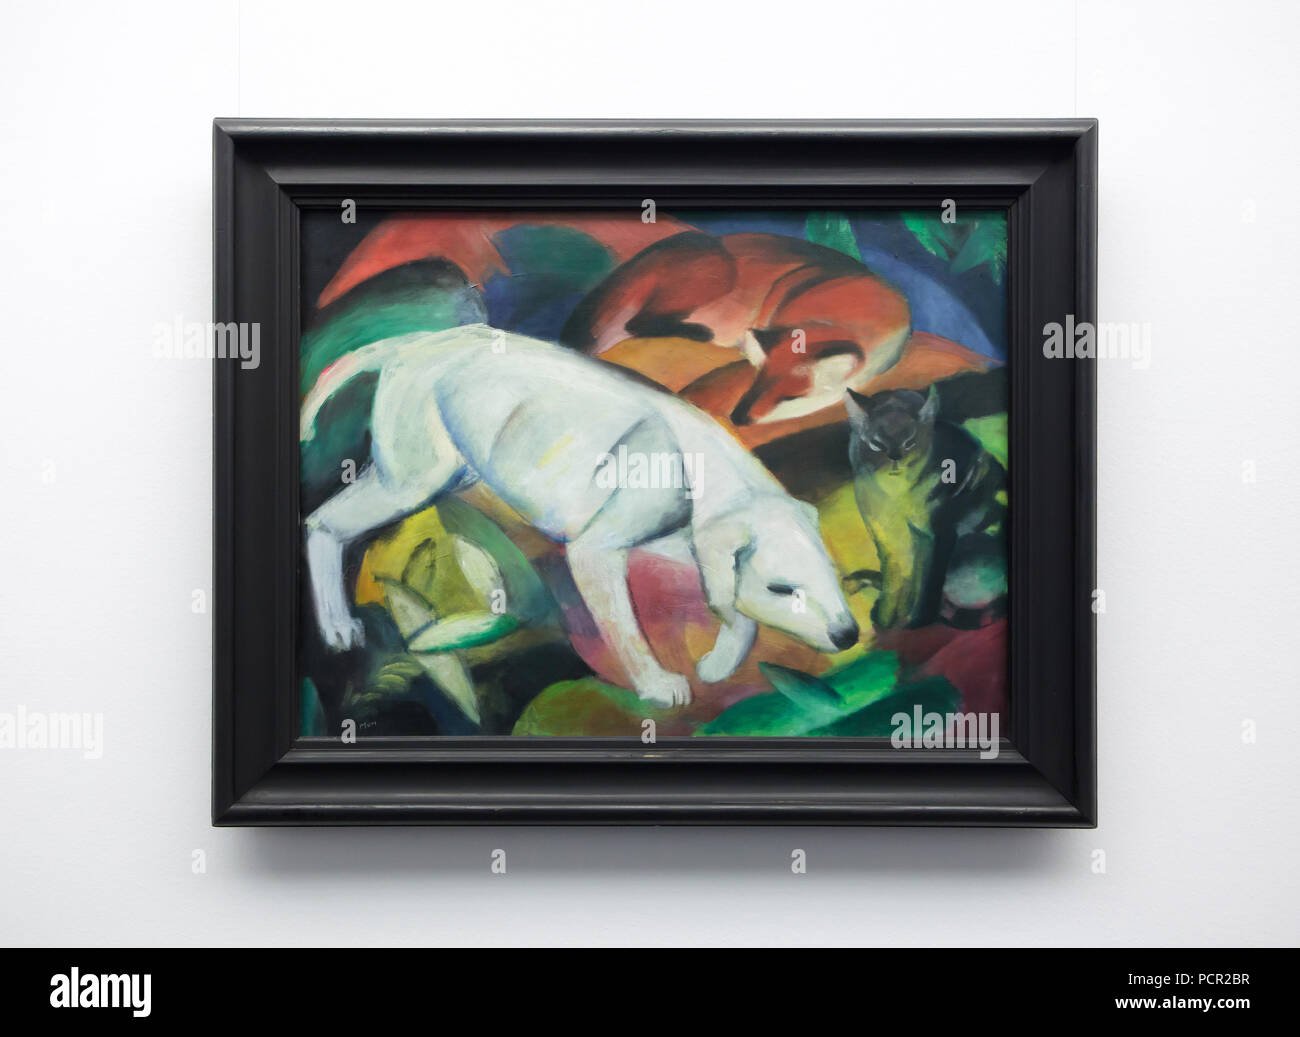 Dipinto 'tre animali' ('Dog, Fox e Cat') del tedesco pittore espressionista Franz Marc (1912) sul display nella Kunsthalle di Mannheim in Mannheim, Baden-Württemberg, Germania. Immagini Stock